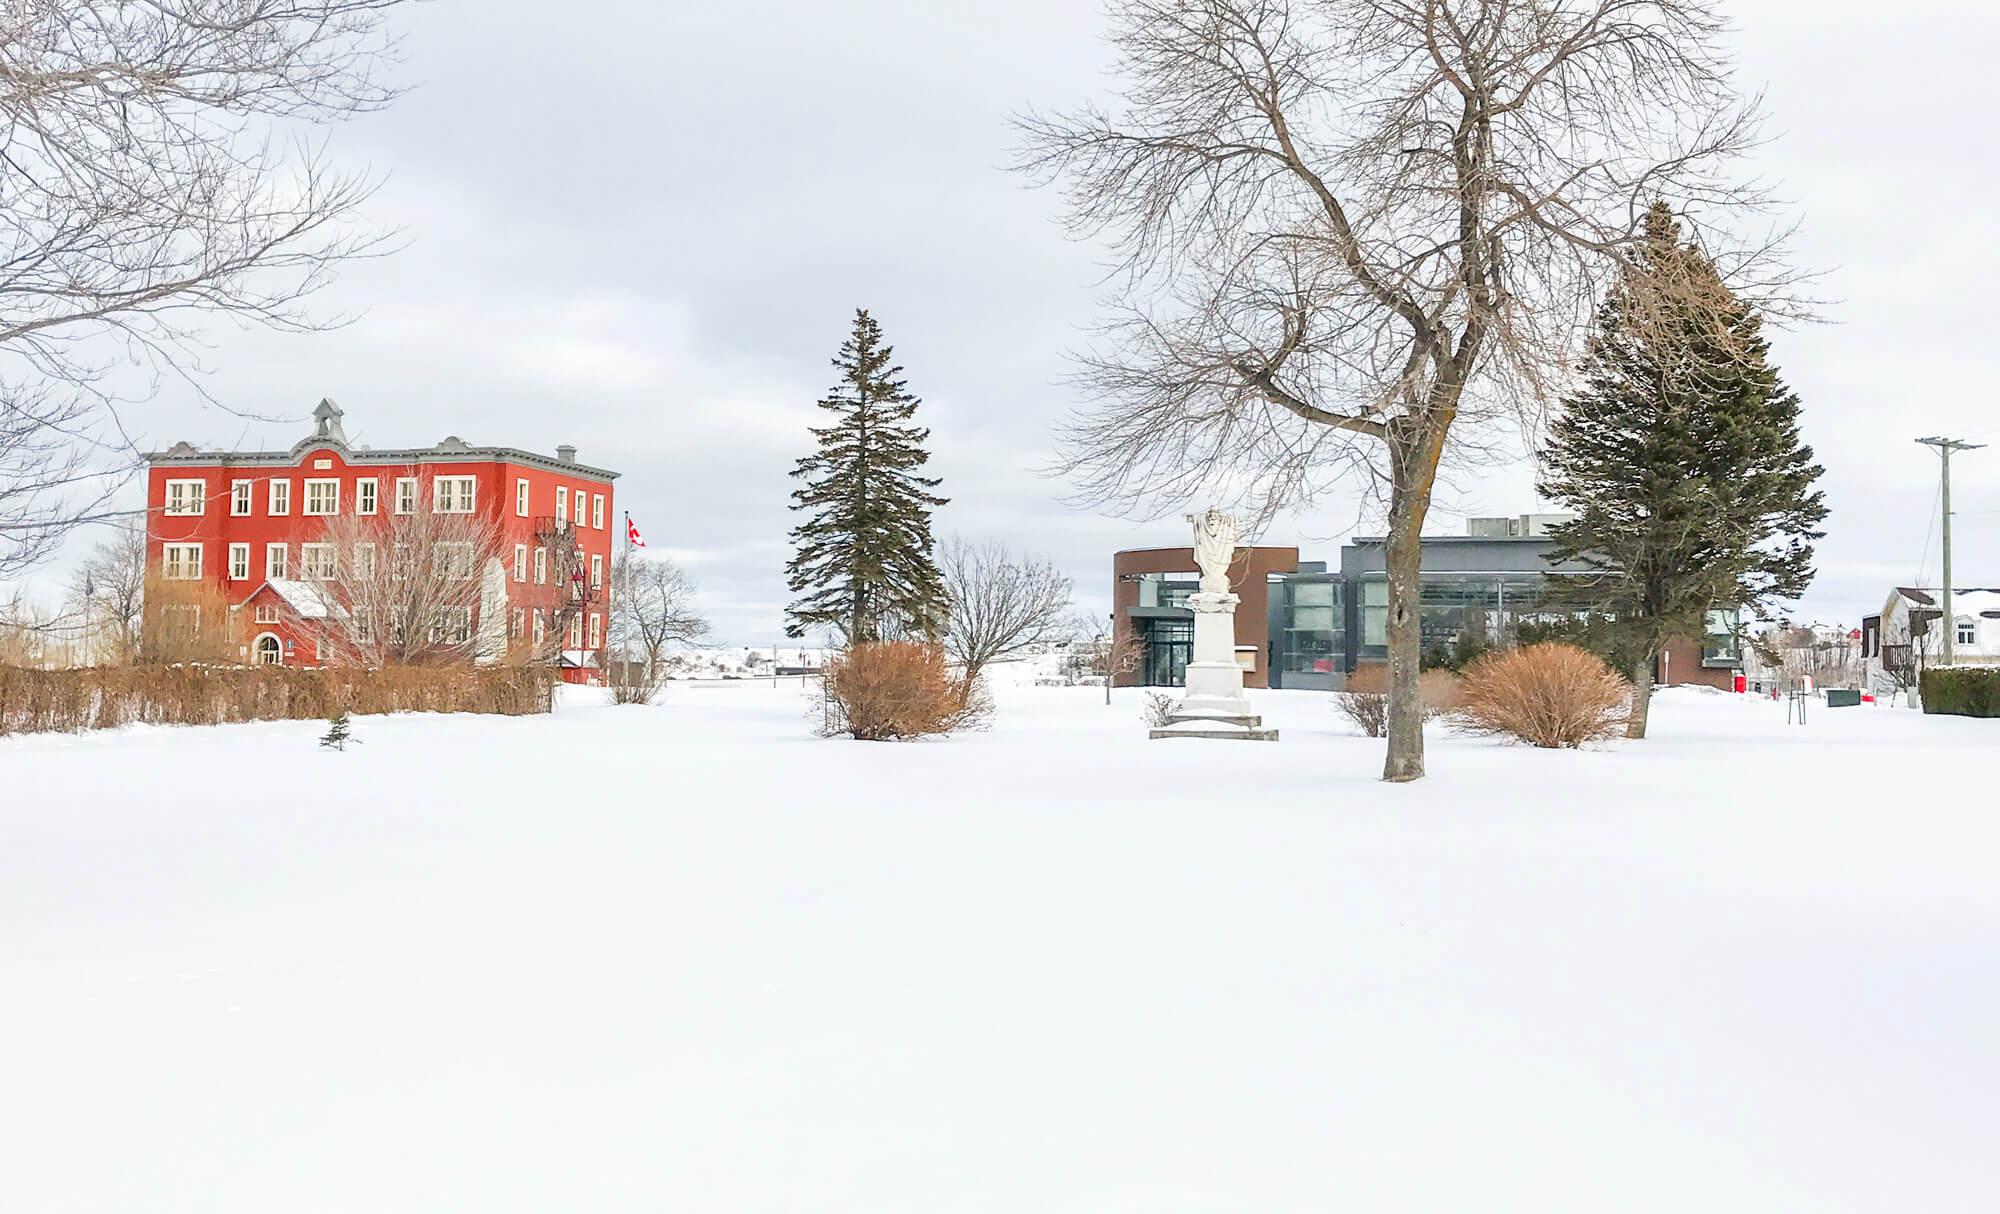 Parc du presbytère Matane projet verger jardins fruitiers de la bibliothèque